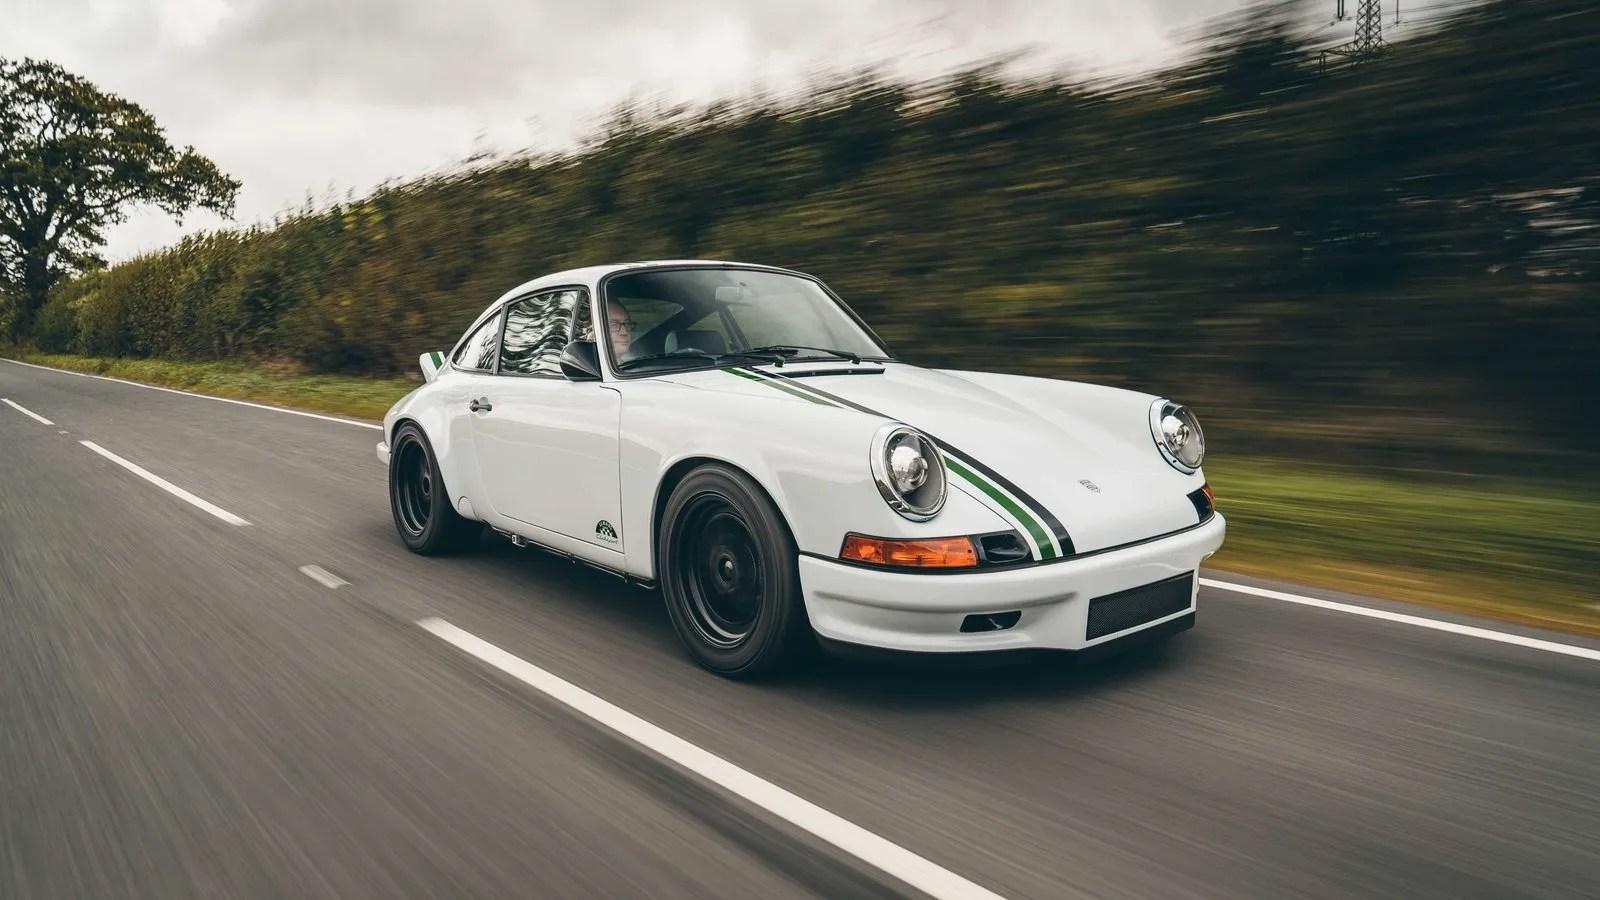 2018 Porsche 911 Le Mans Classic Clubsport By Paul